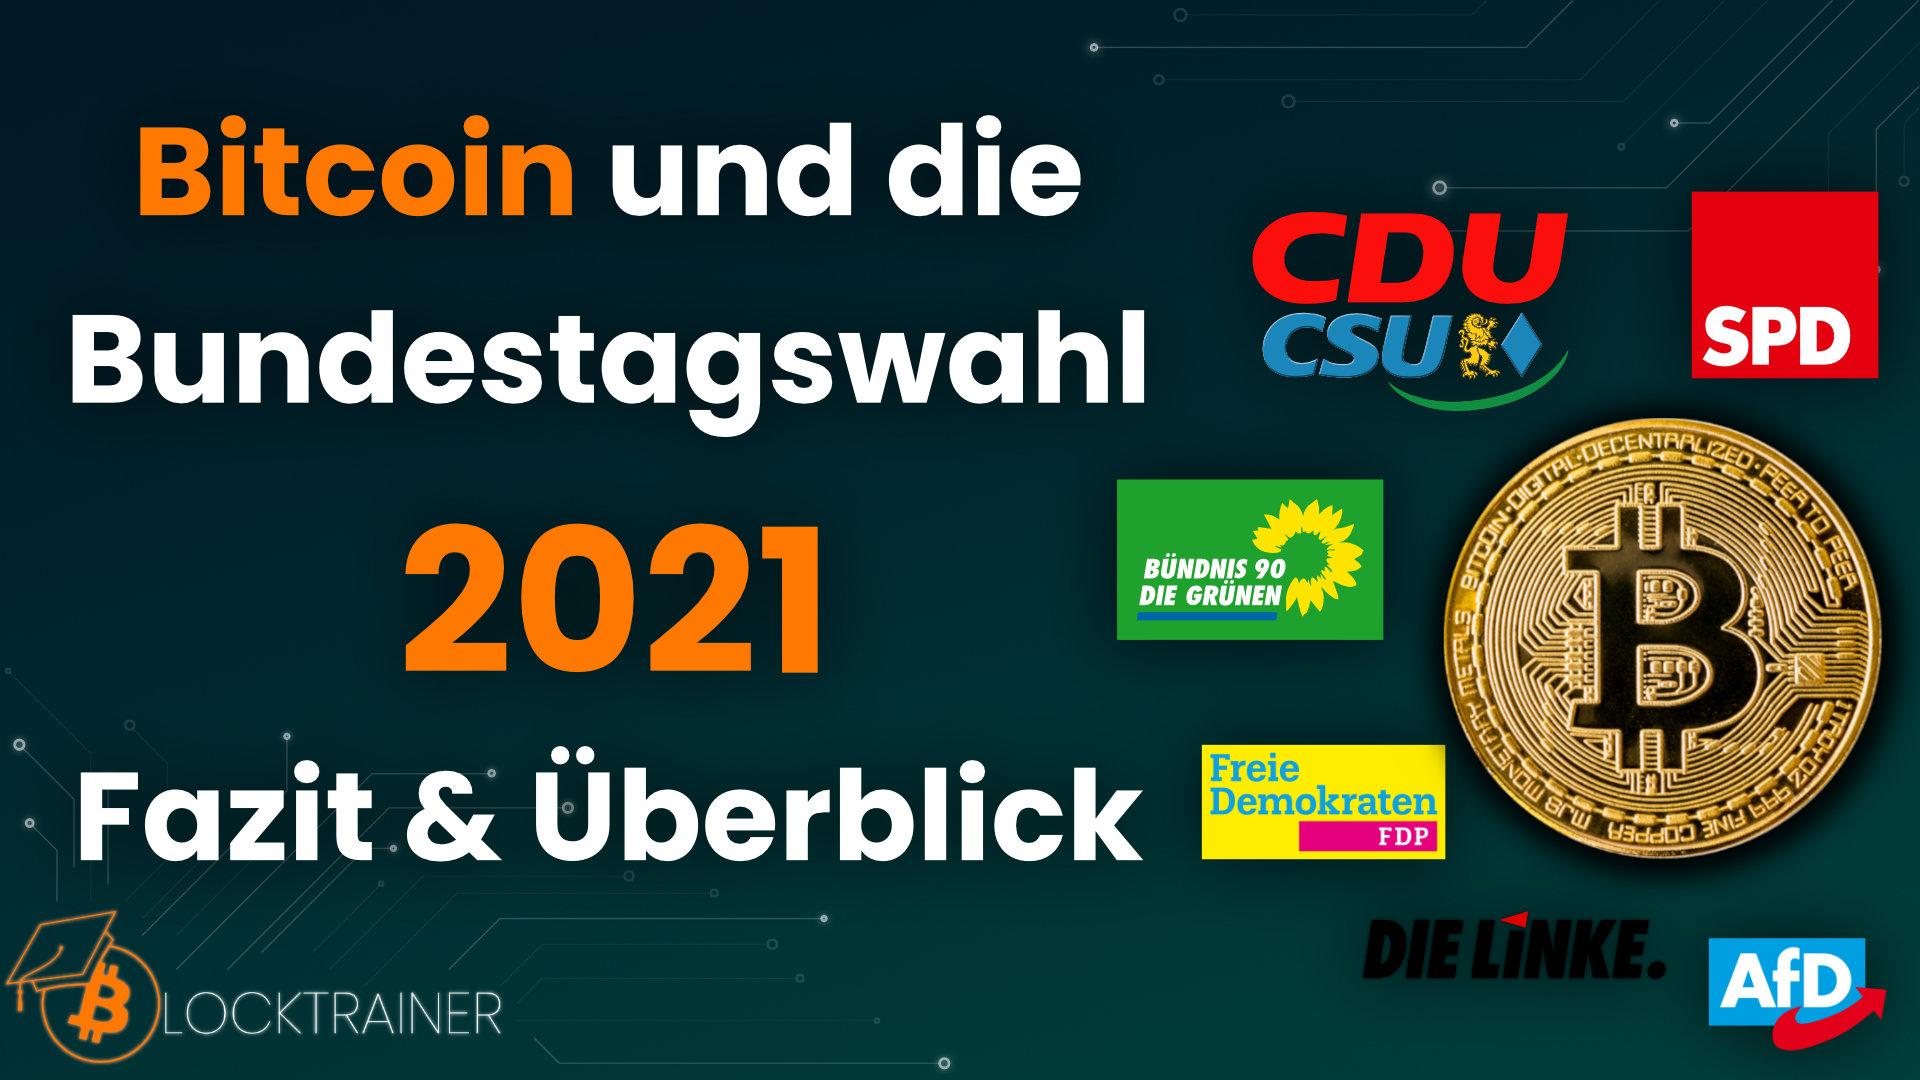 Bitcoin Bundestagswahl 2021 Fazit